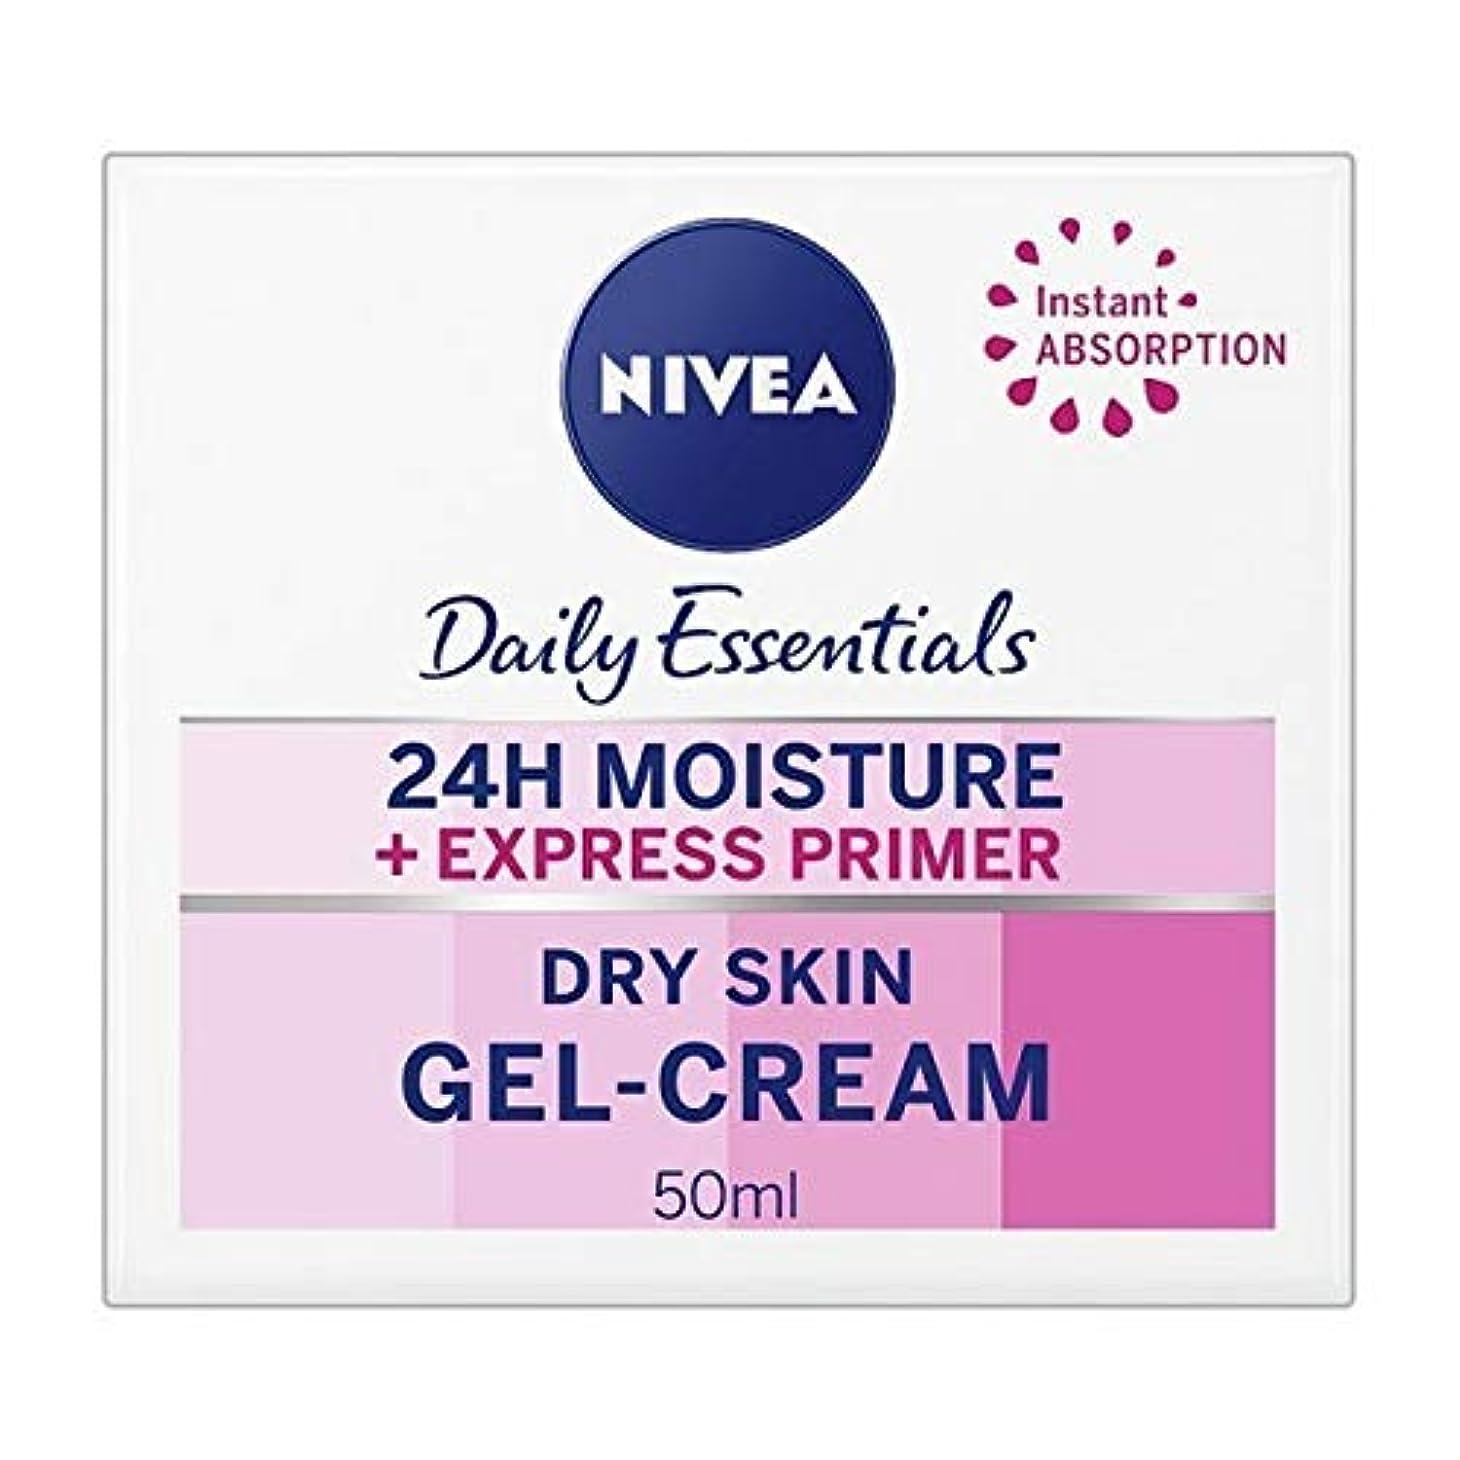 統合ダッシュ売り手[Nivea ] ニベアエクスプレスプライマーゲルクリーム、50ミリリットル - NIVEA Express Primer Gel-Cream, 50ml [並行輸入品]